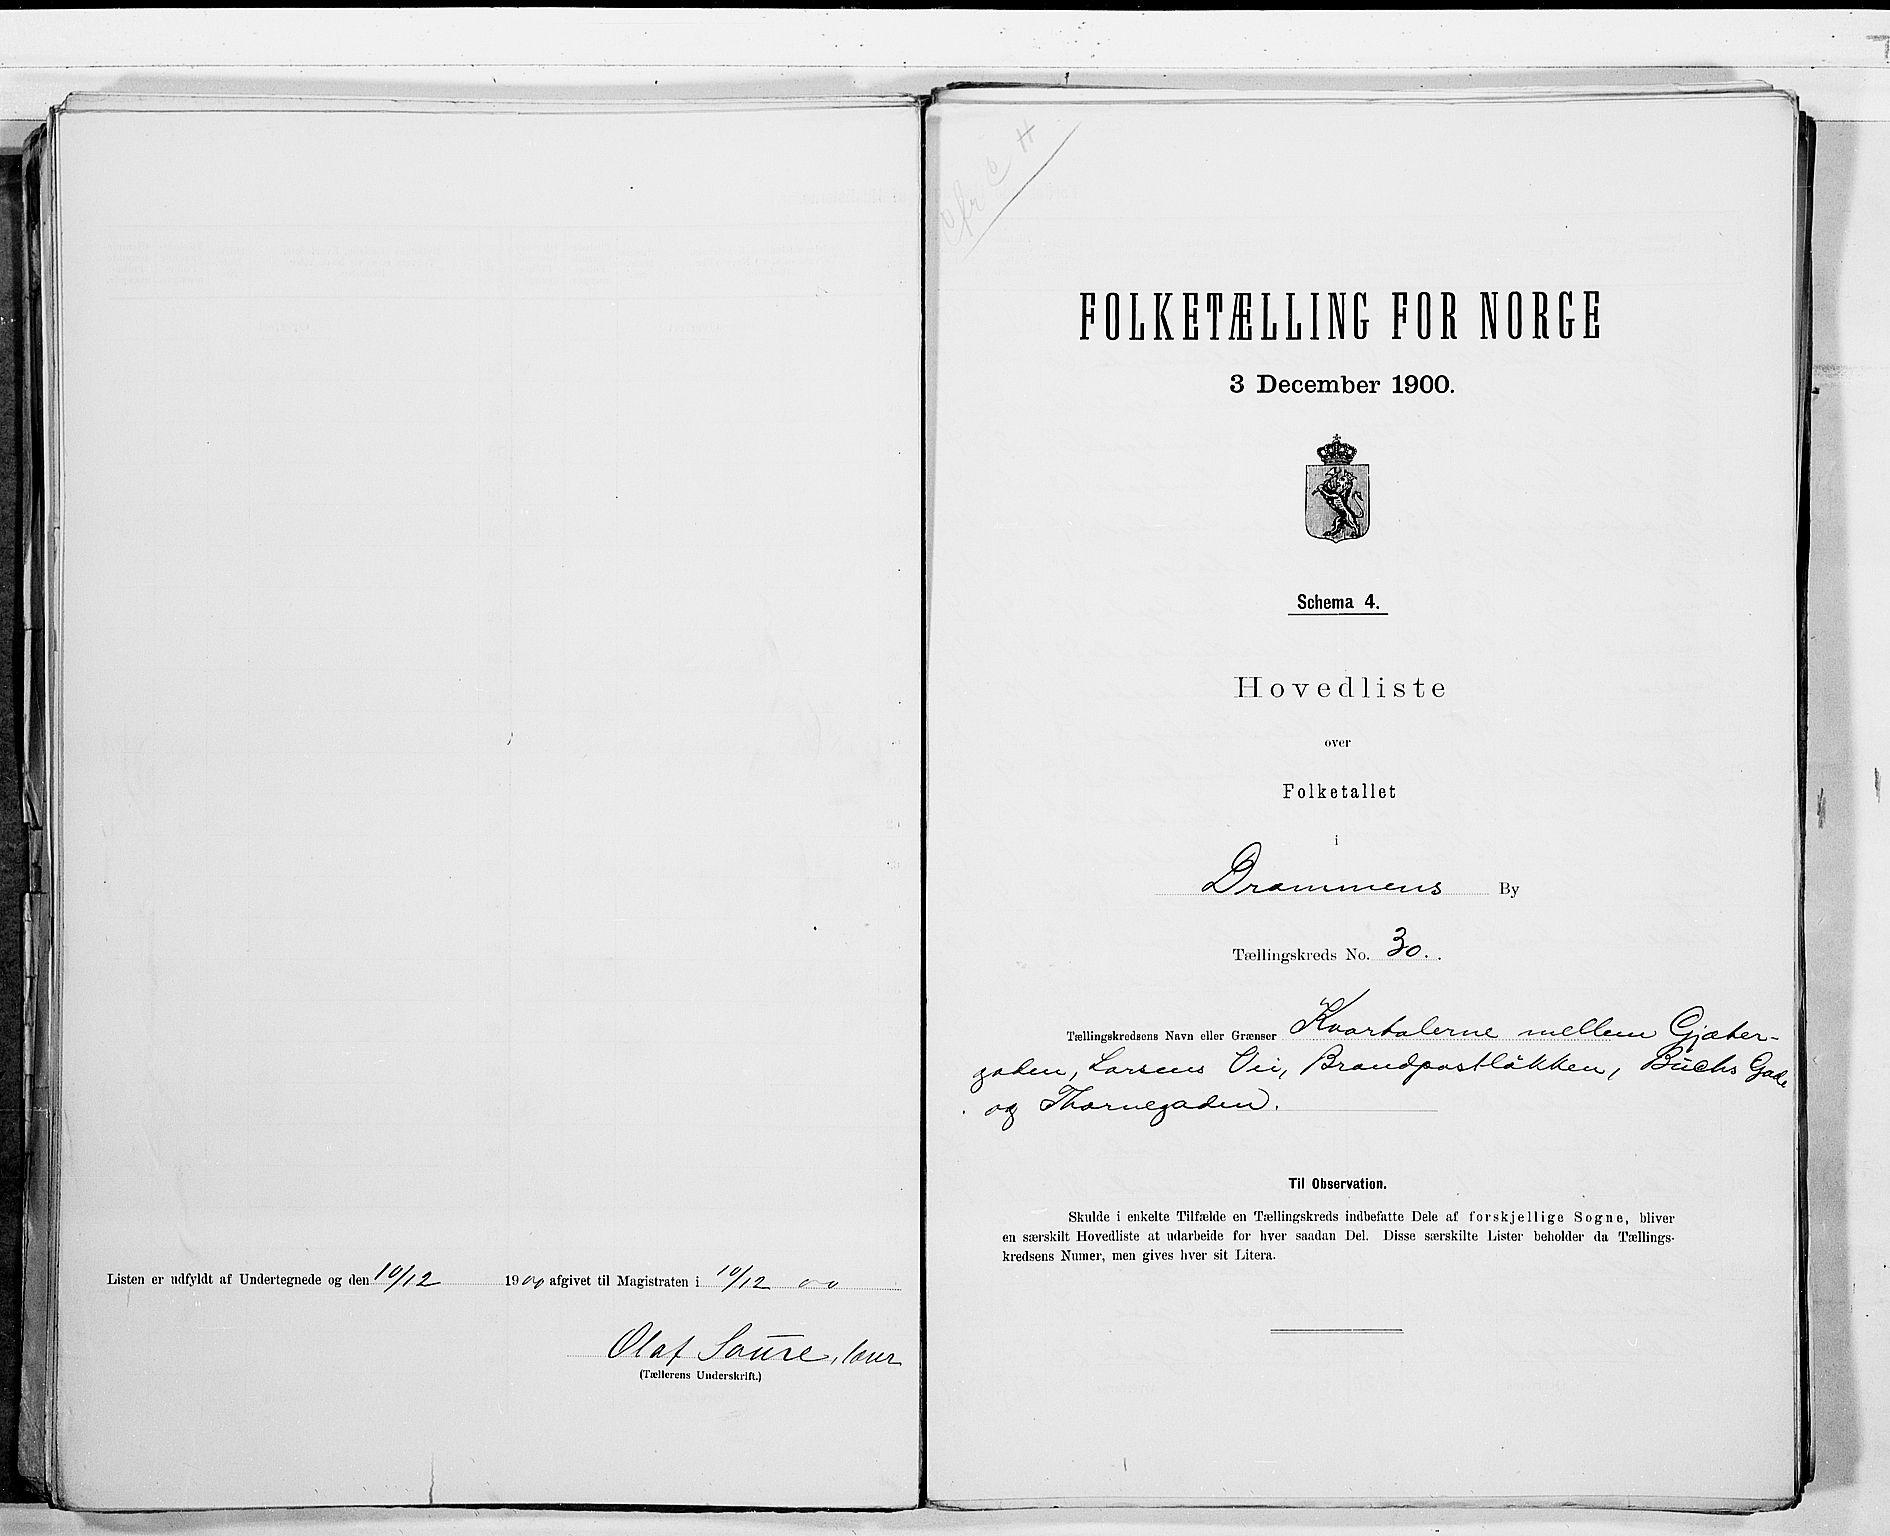 RA, Folketelling 1900 for 0602 Drammen kjøpstad, 1900, s. 65